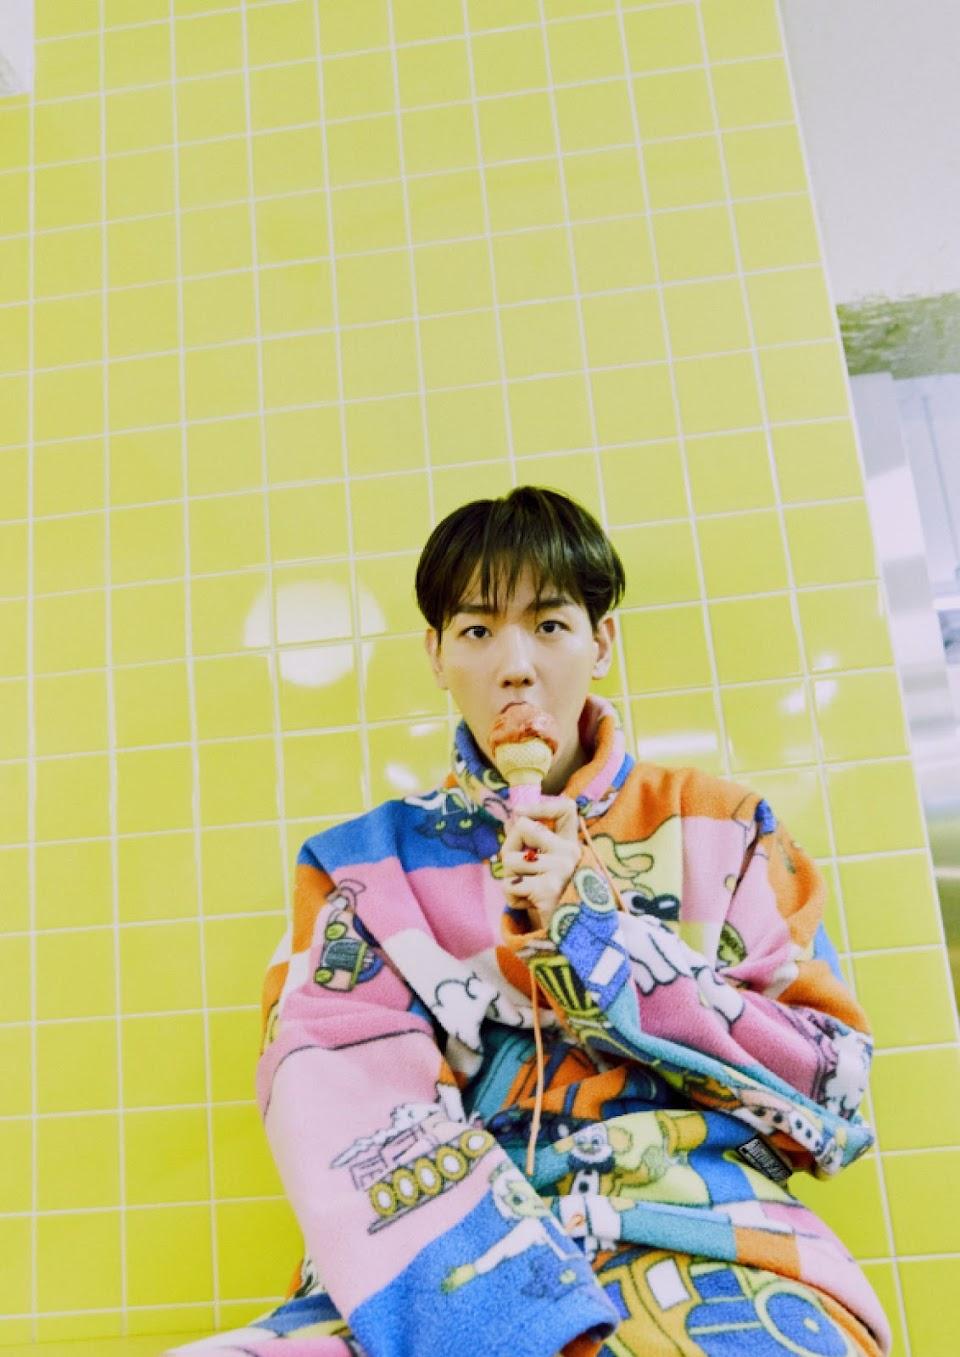 exo baekhyun candy